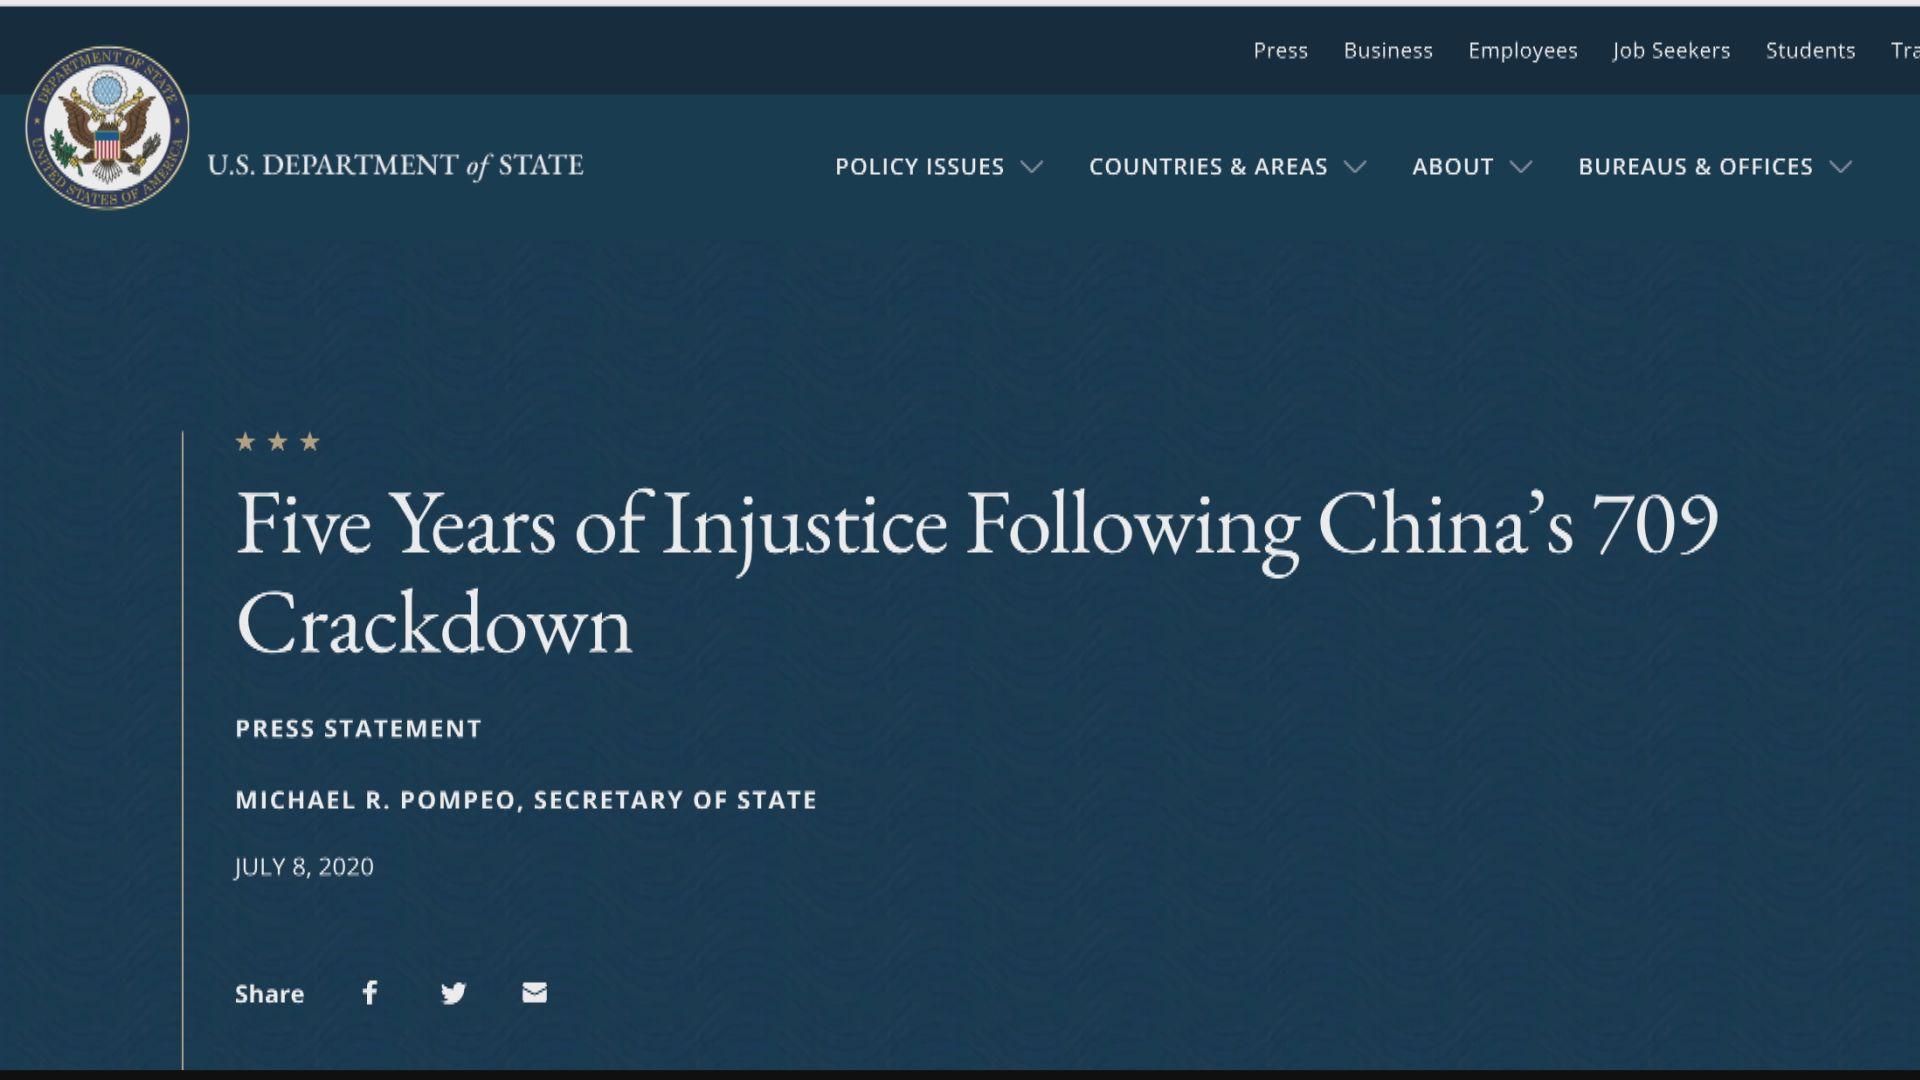 歐美分別就709大抓捕五周年發聲明批中國打壓人權